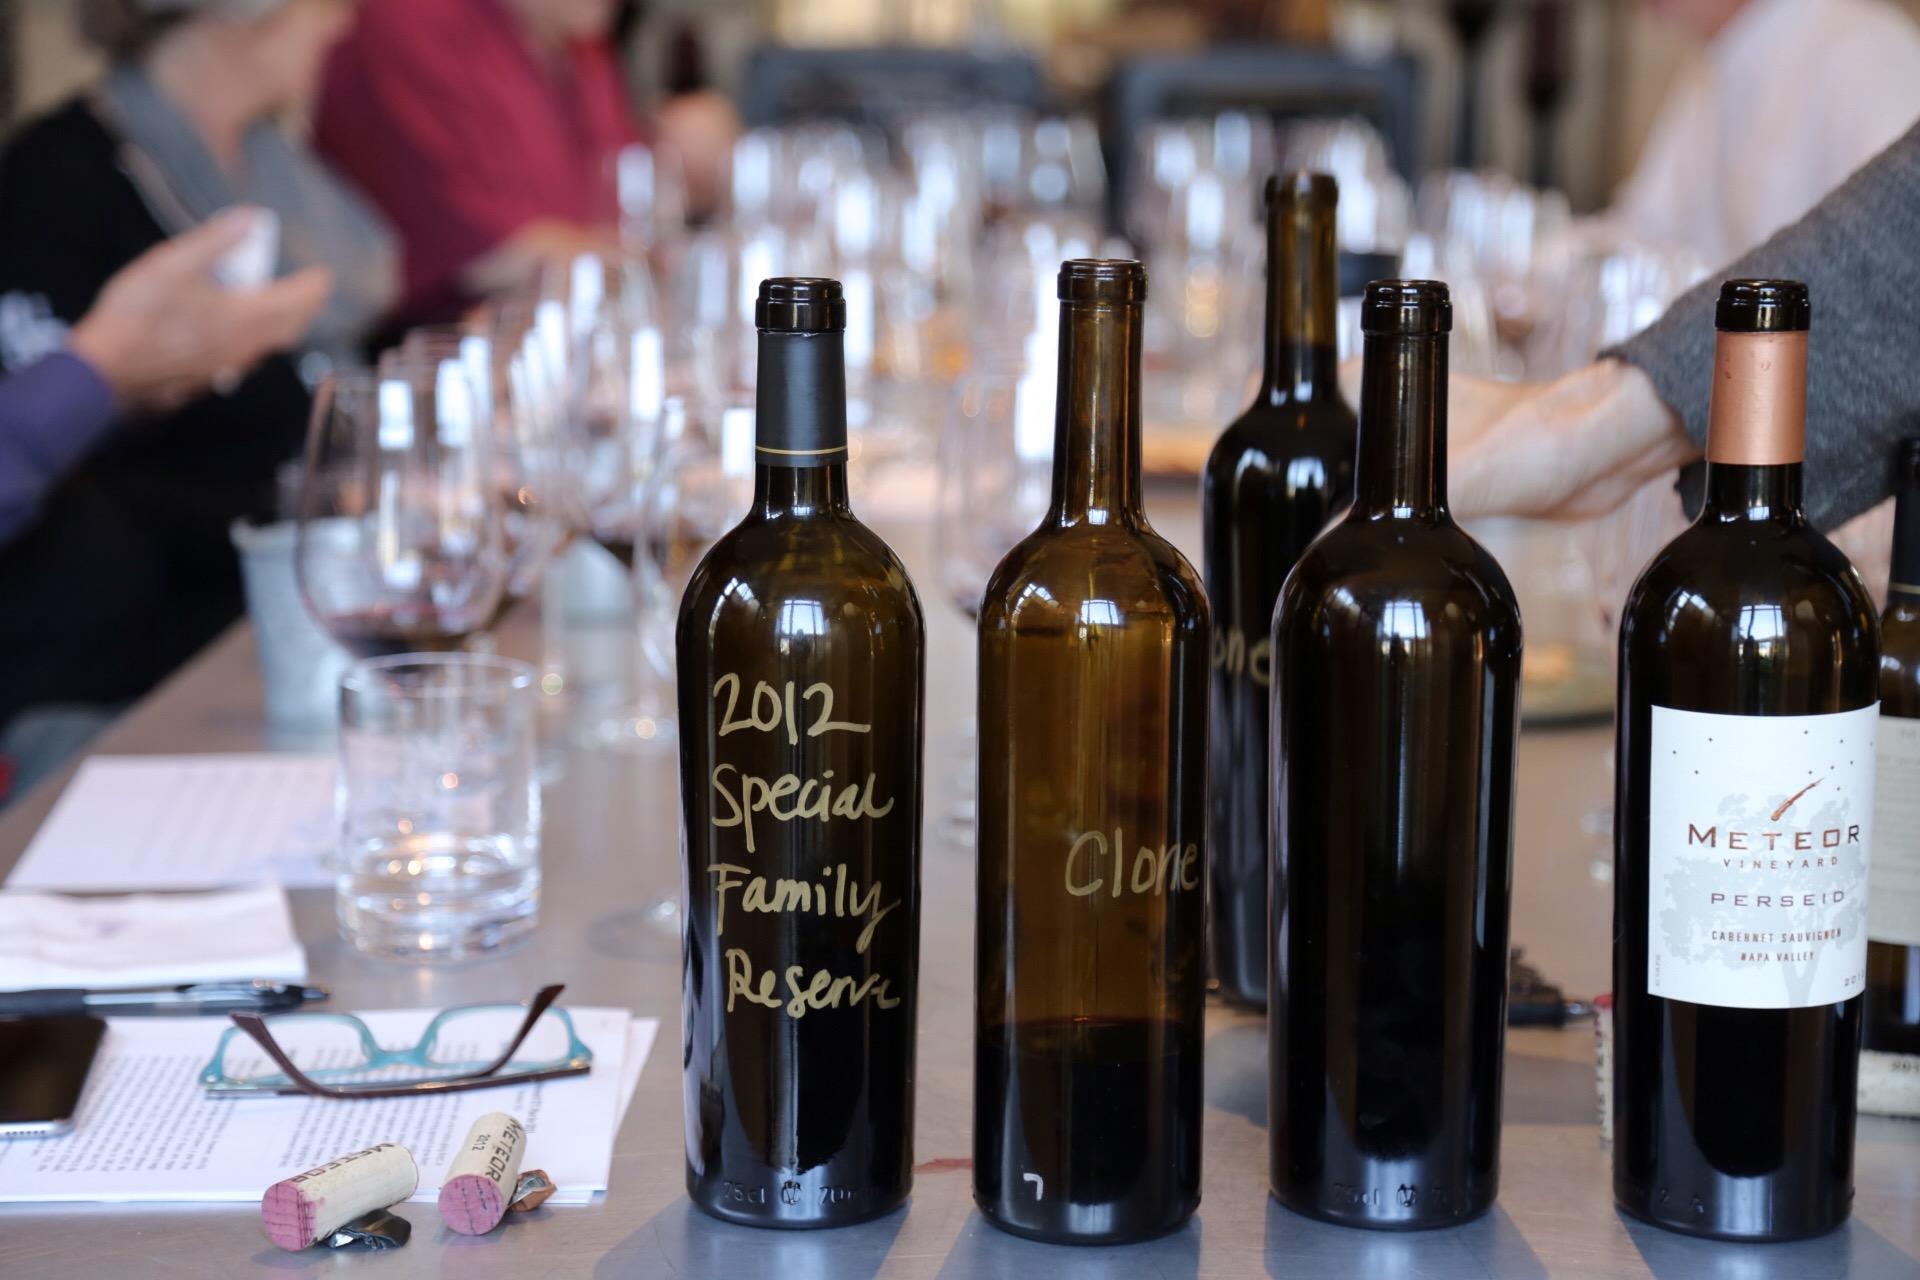 Blending the 2013 vintage, Meteor Vineyard, January 2015